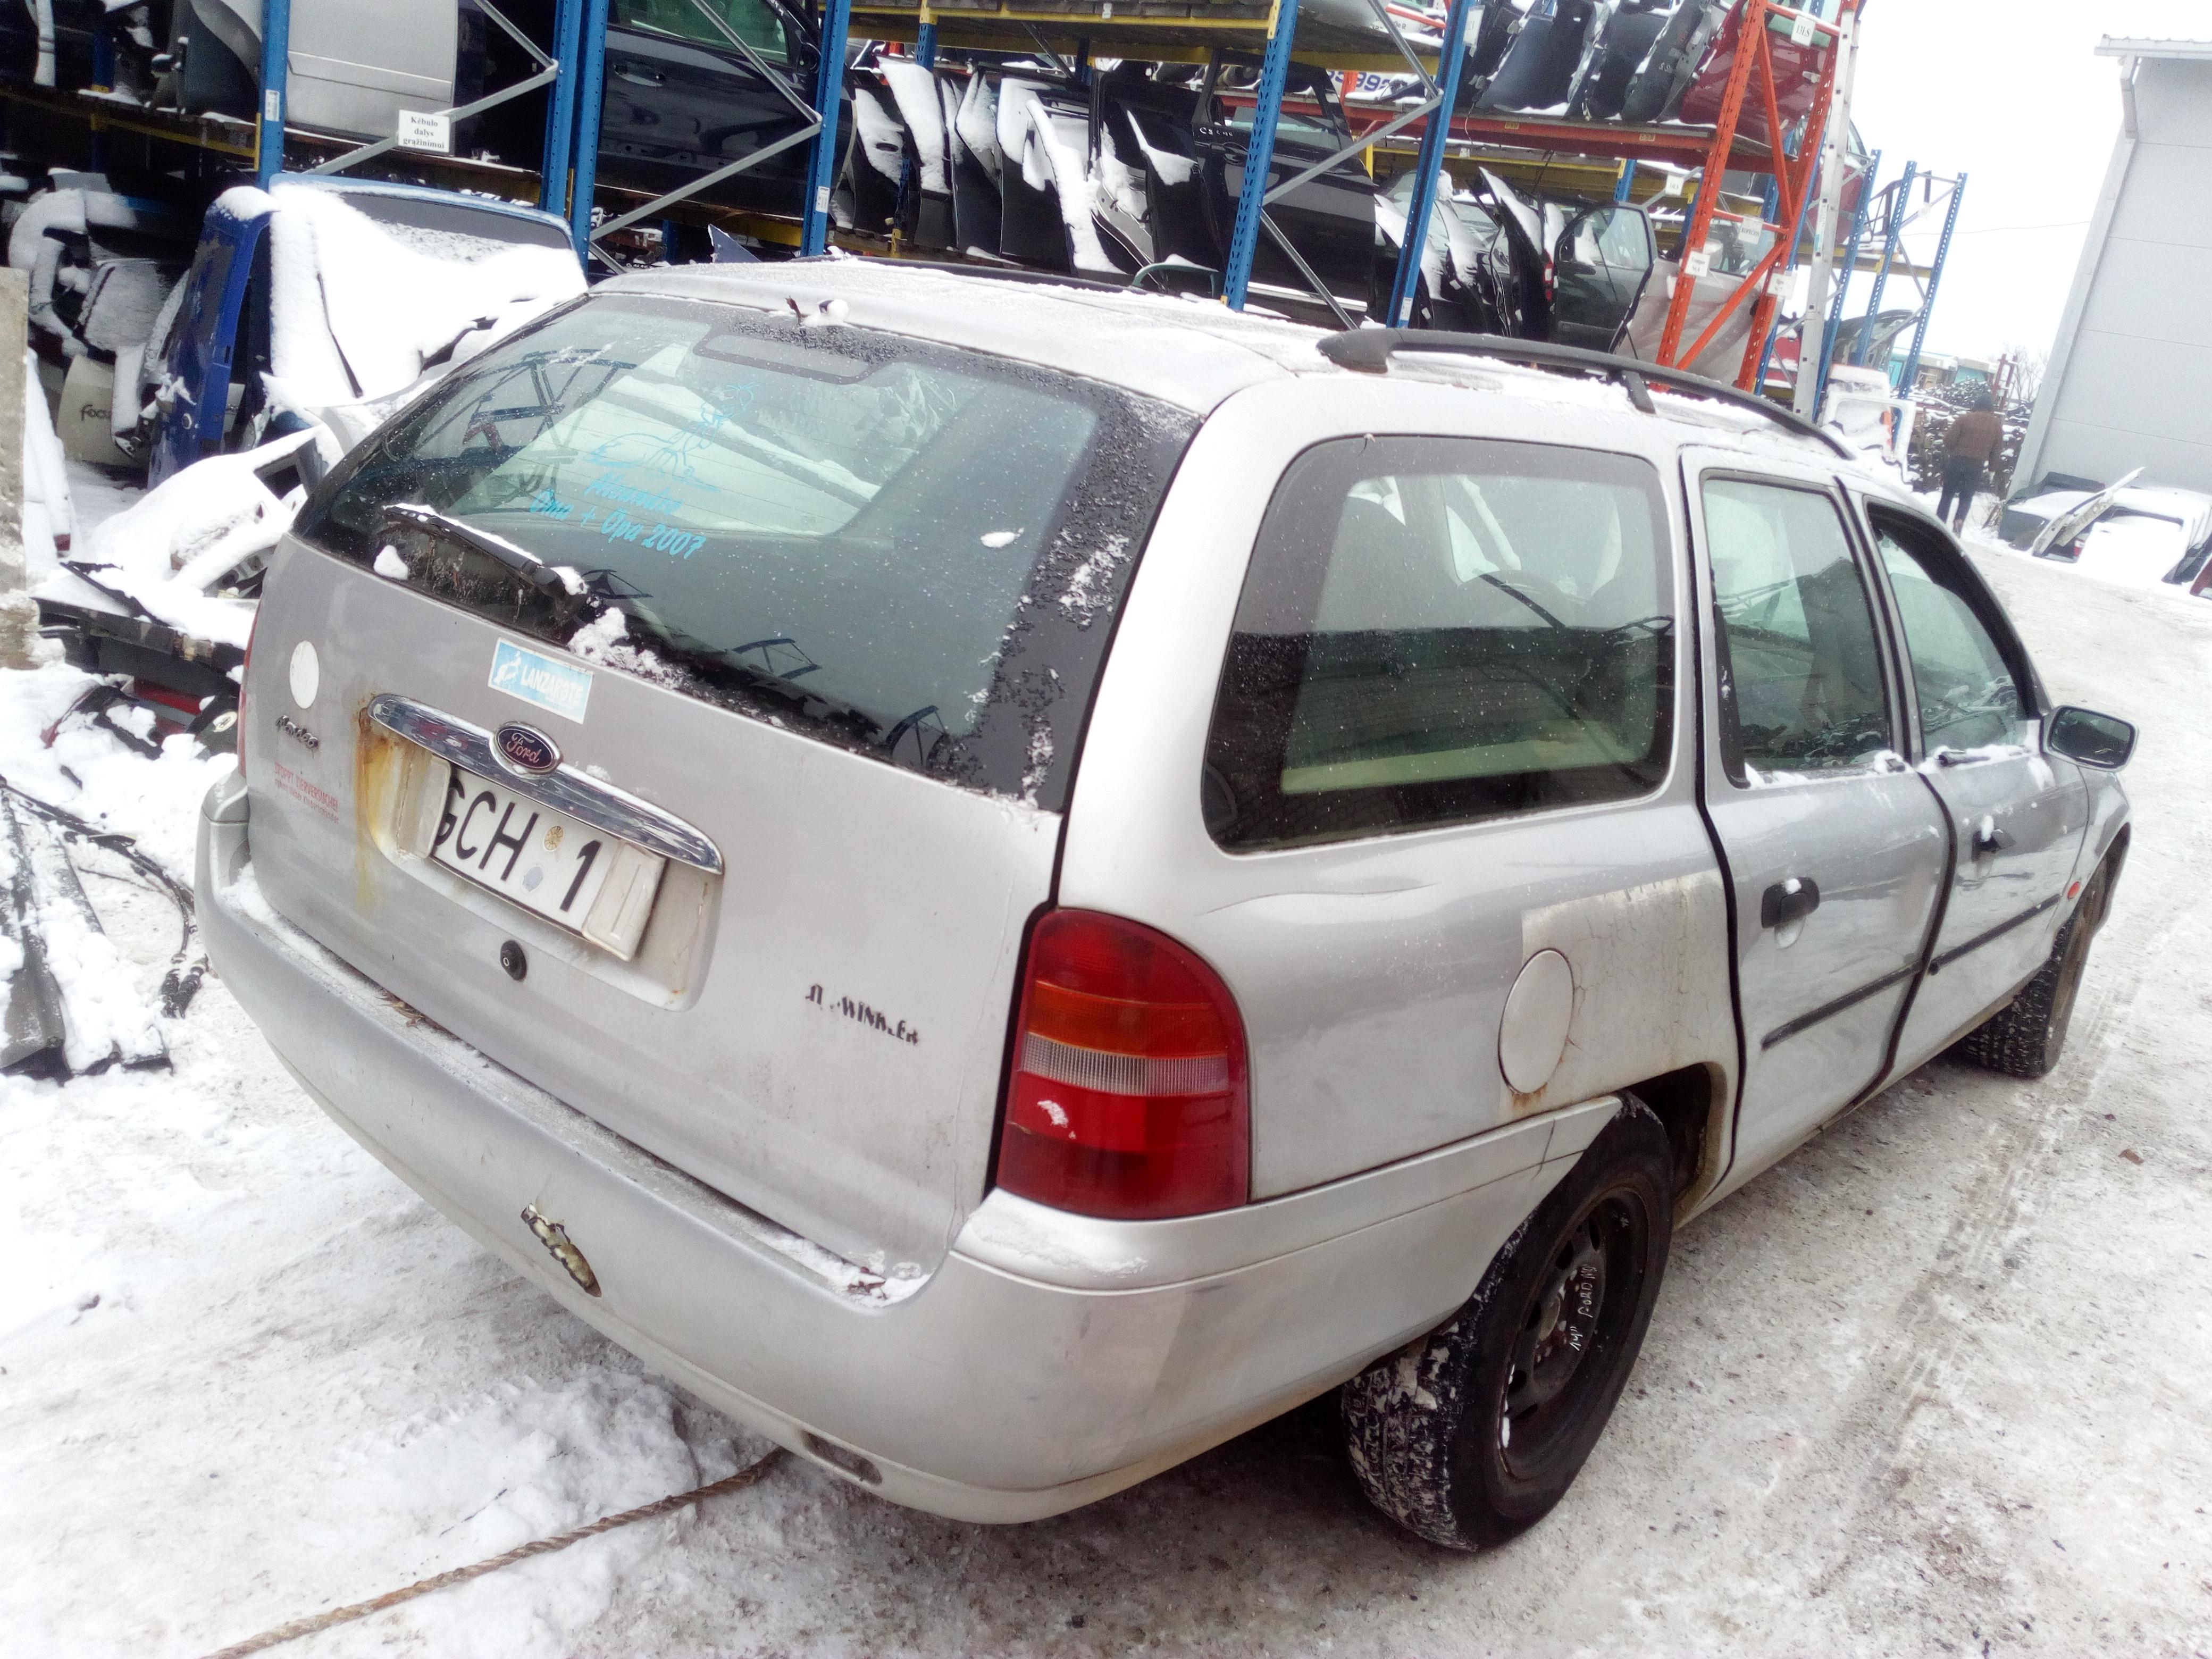 Used Fuse Box Ford Mondeo 1999 20l 10eur Eis00329652 Car Foto 1 199609 200011 Petrol 20